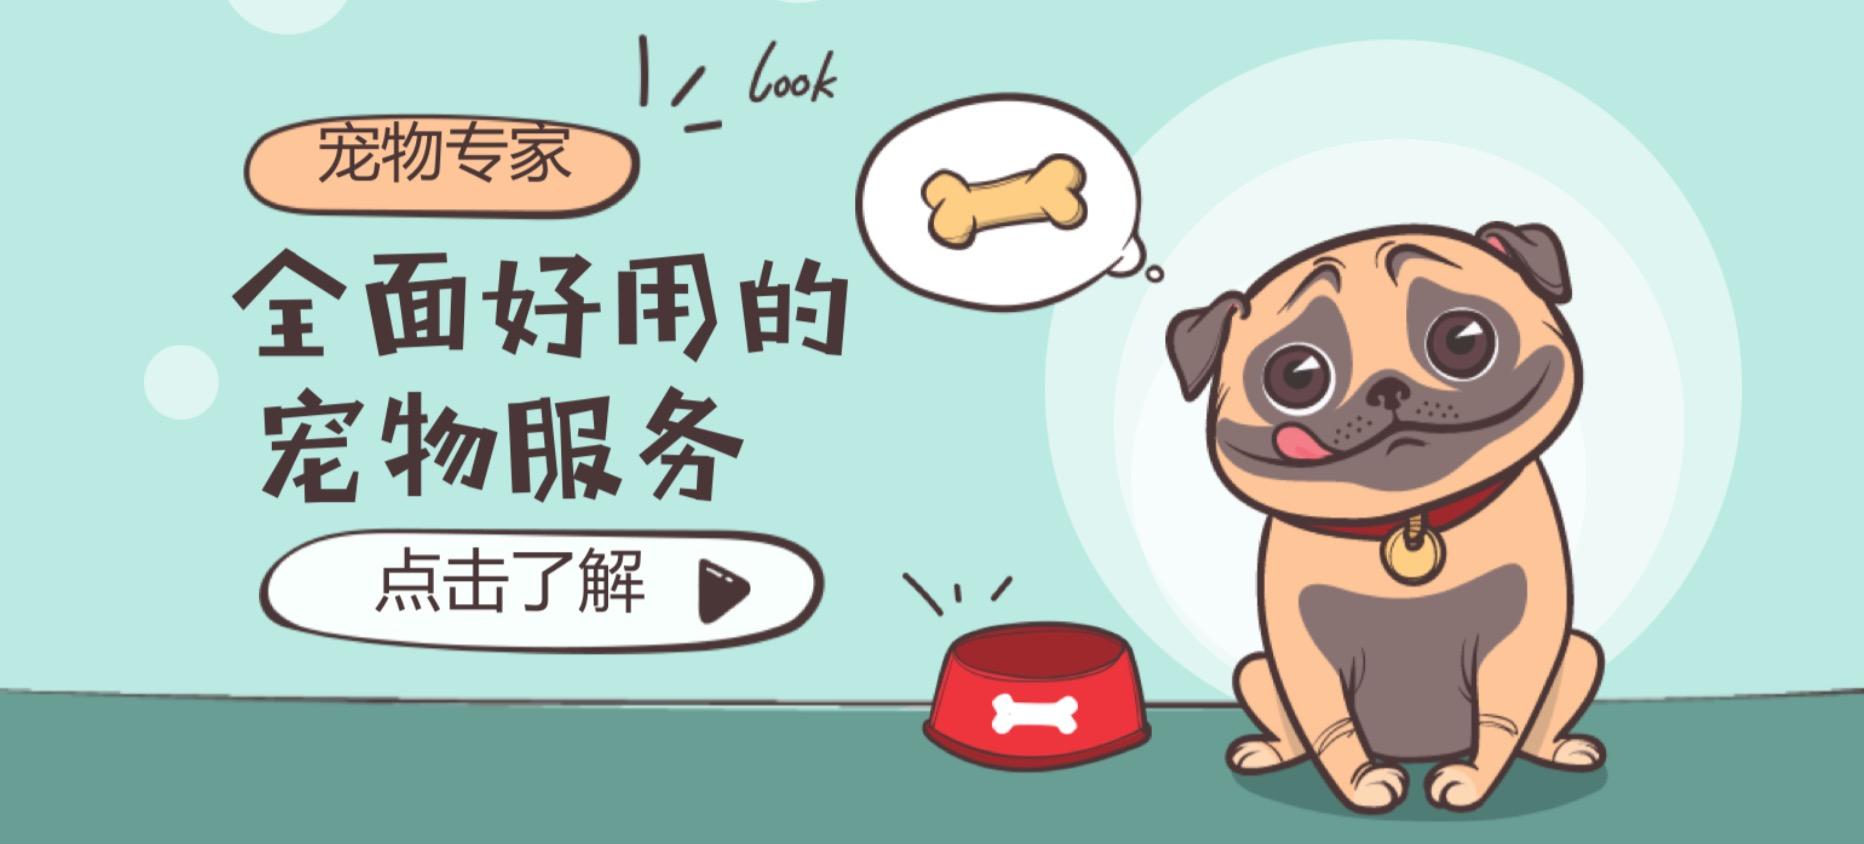 全面好用的寵物服務app